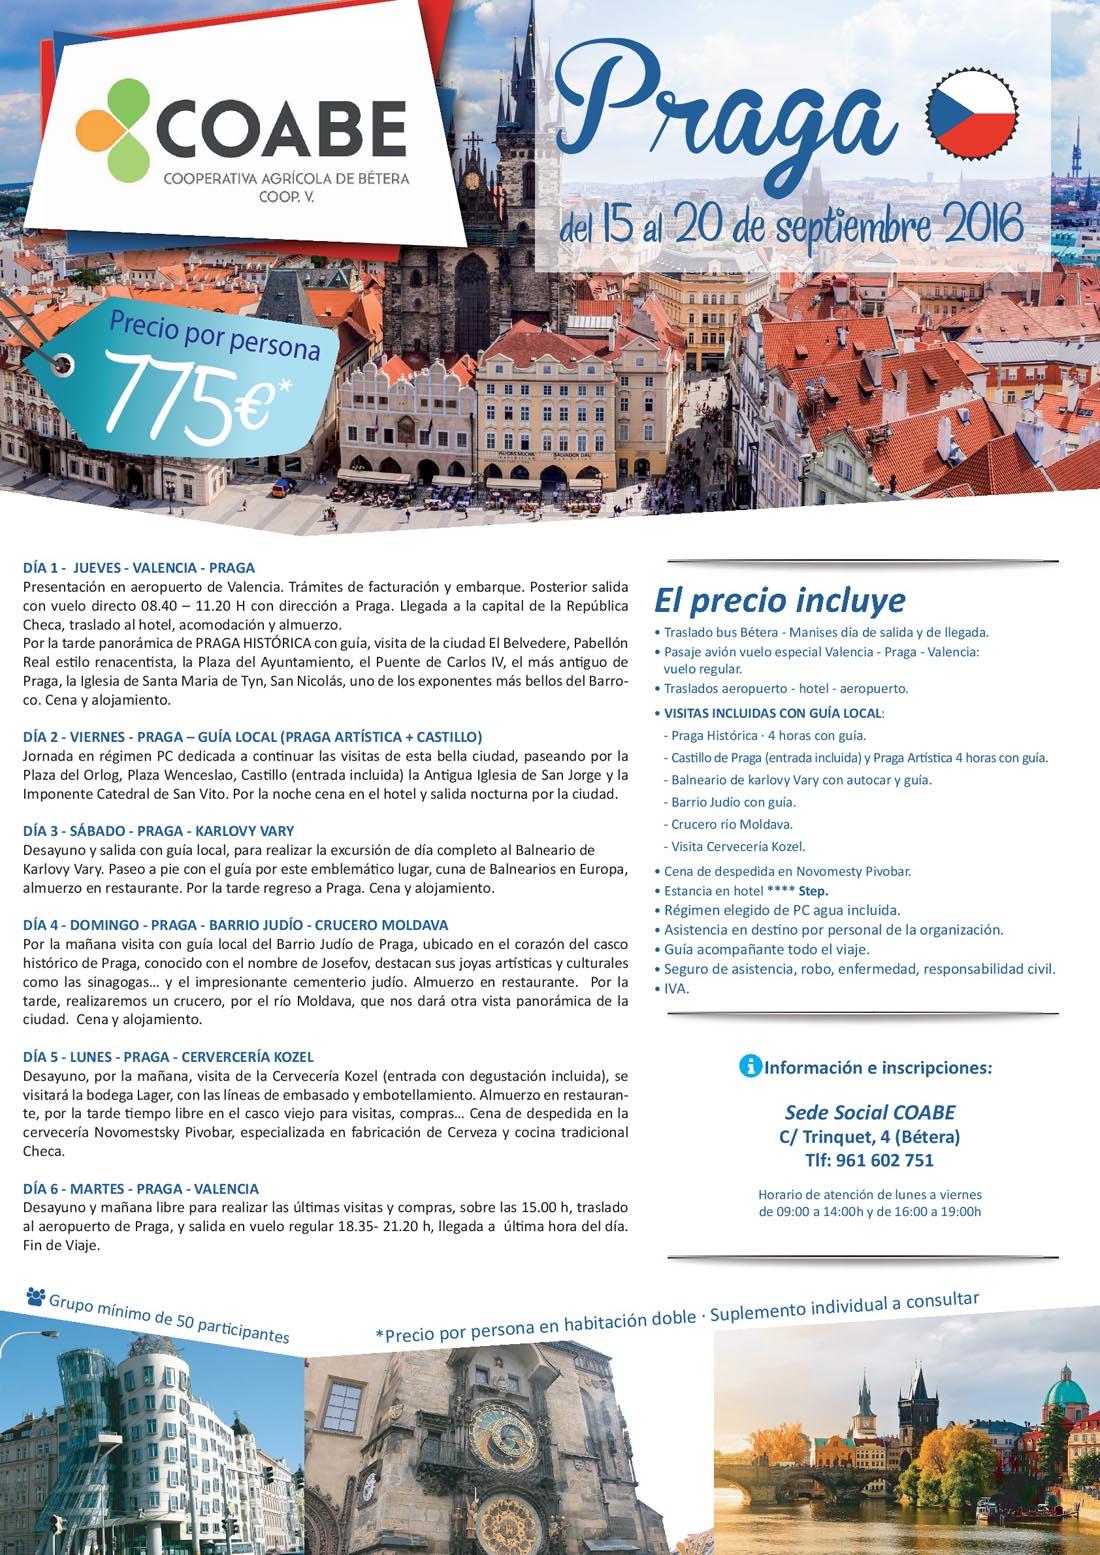 itinerario-15-20-sept-001